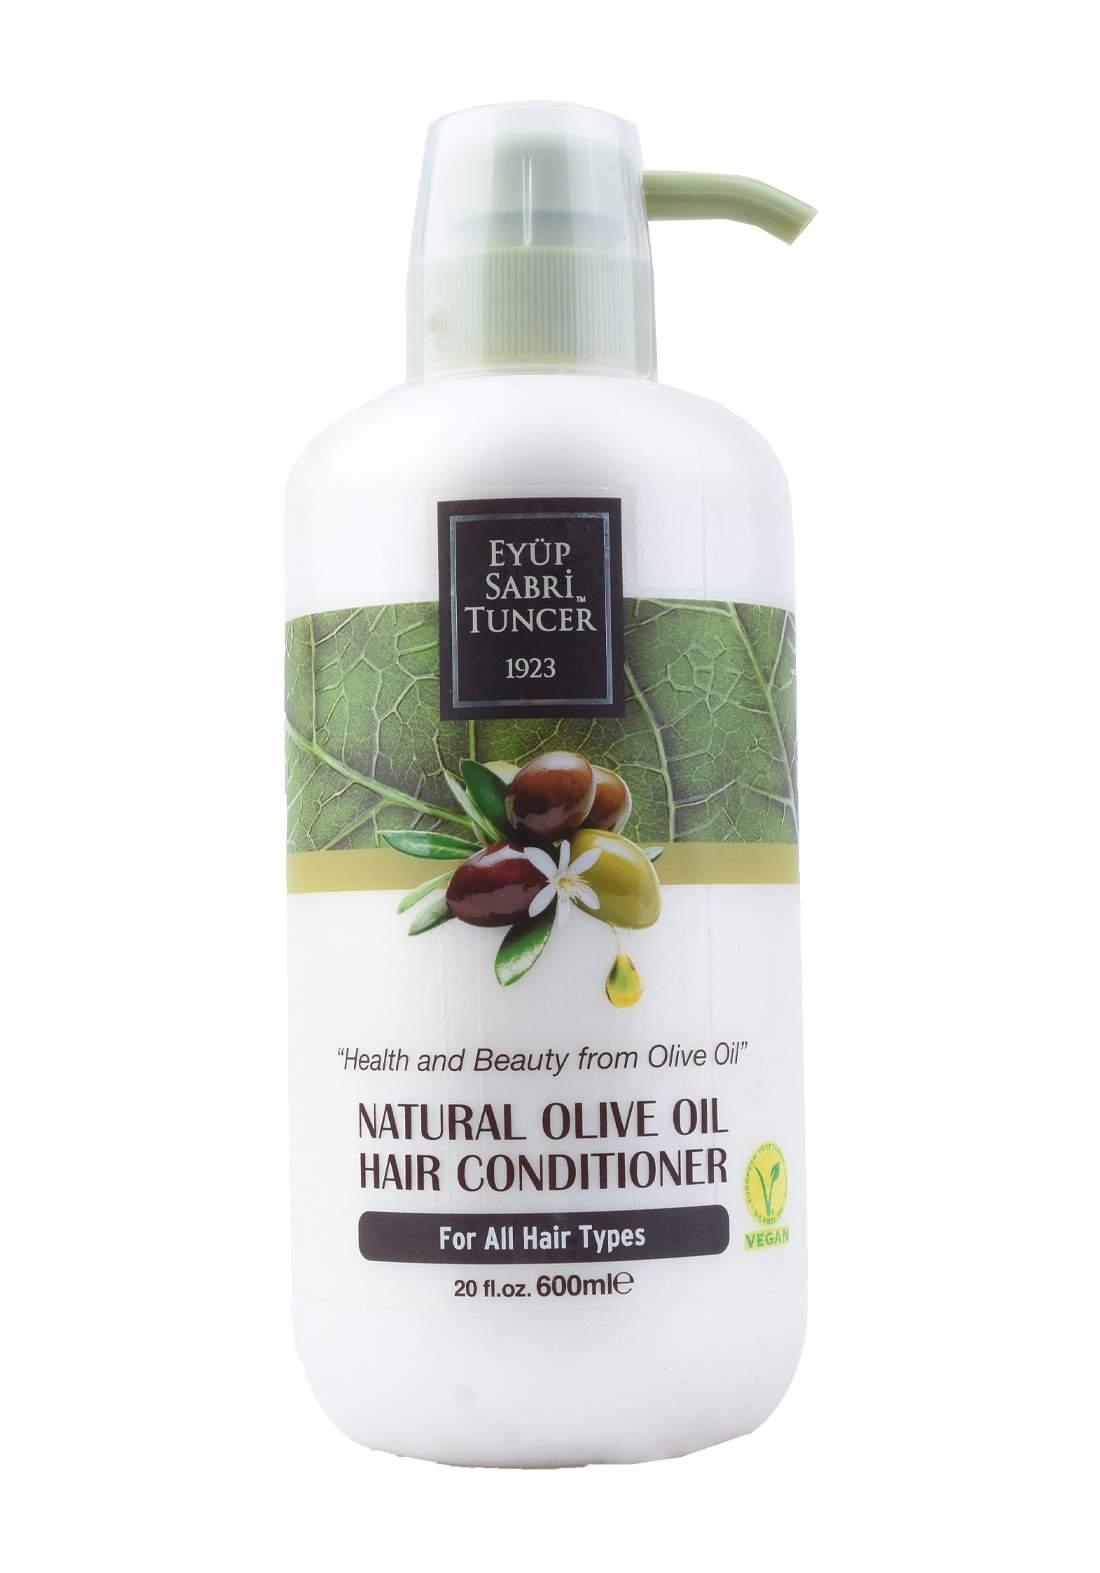 Eyup Sabri Tuncer Natural Olive Oil Hair Conditioner 600ml بلسم شعر بزيت الزيتون